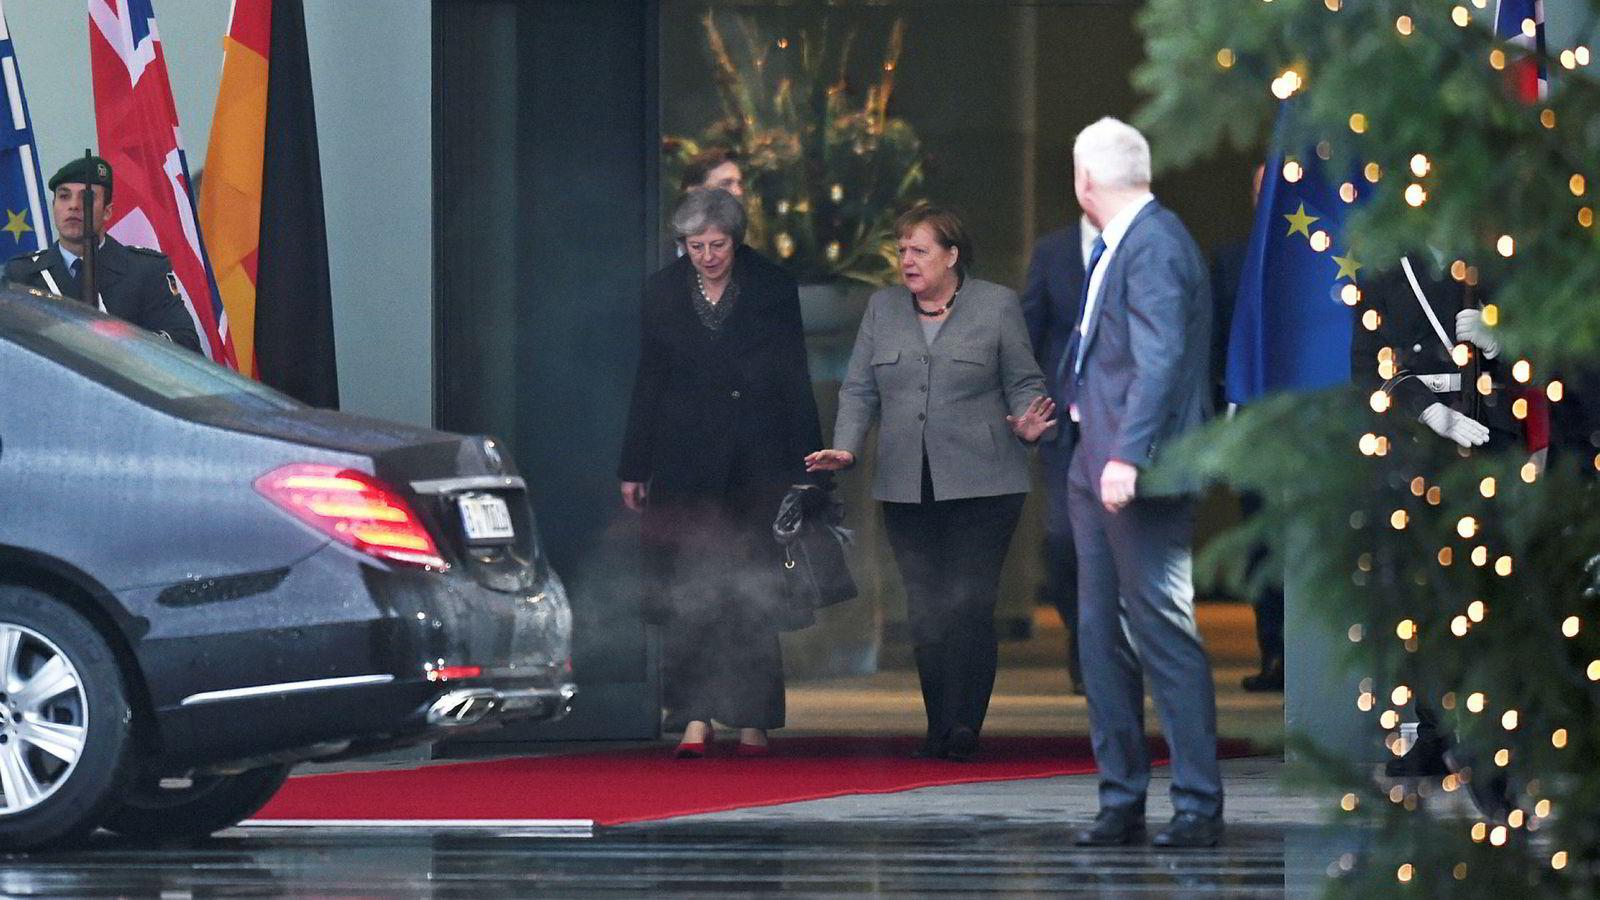 Statsminister Theresa May ble høflig tatt imot av forbundskansler Angela Merkel i Berlin tirsdag før turen gikk videre til løvens hule i Brussel på kvelden.